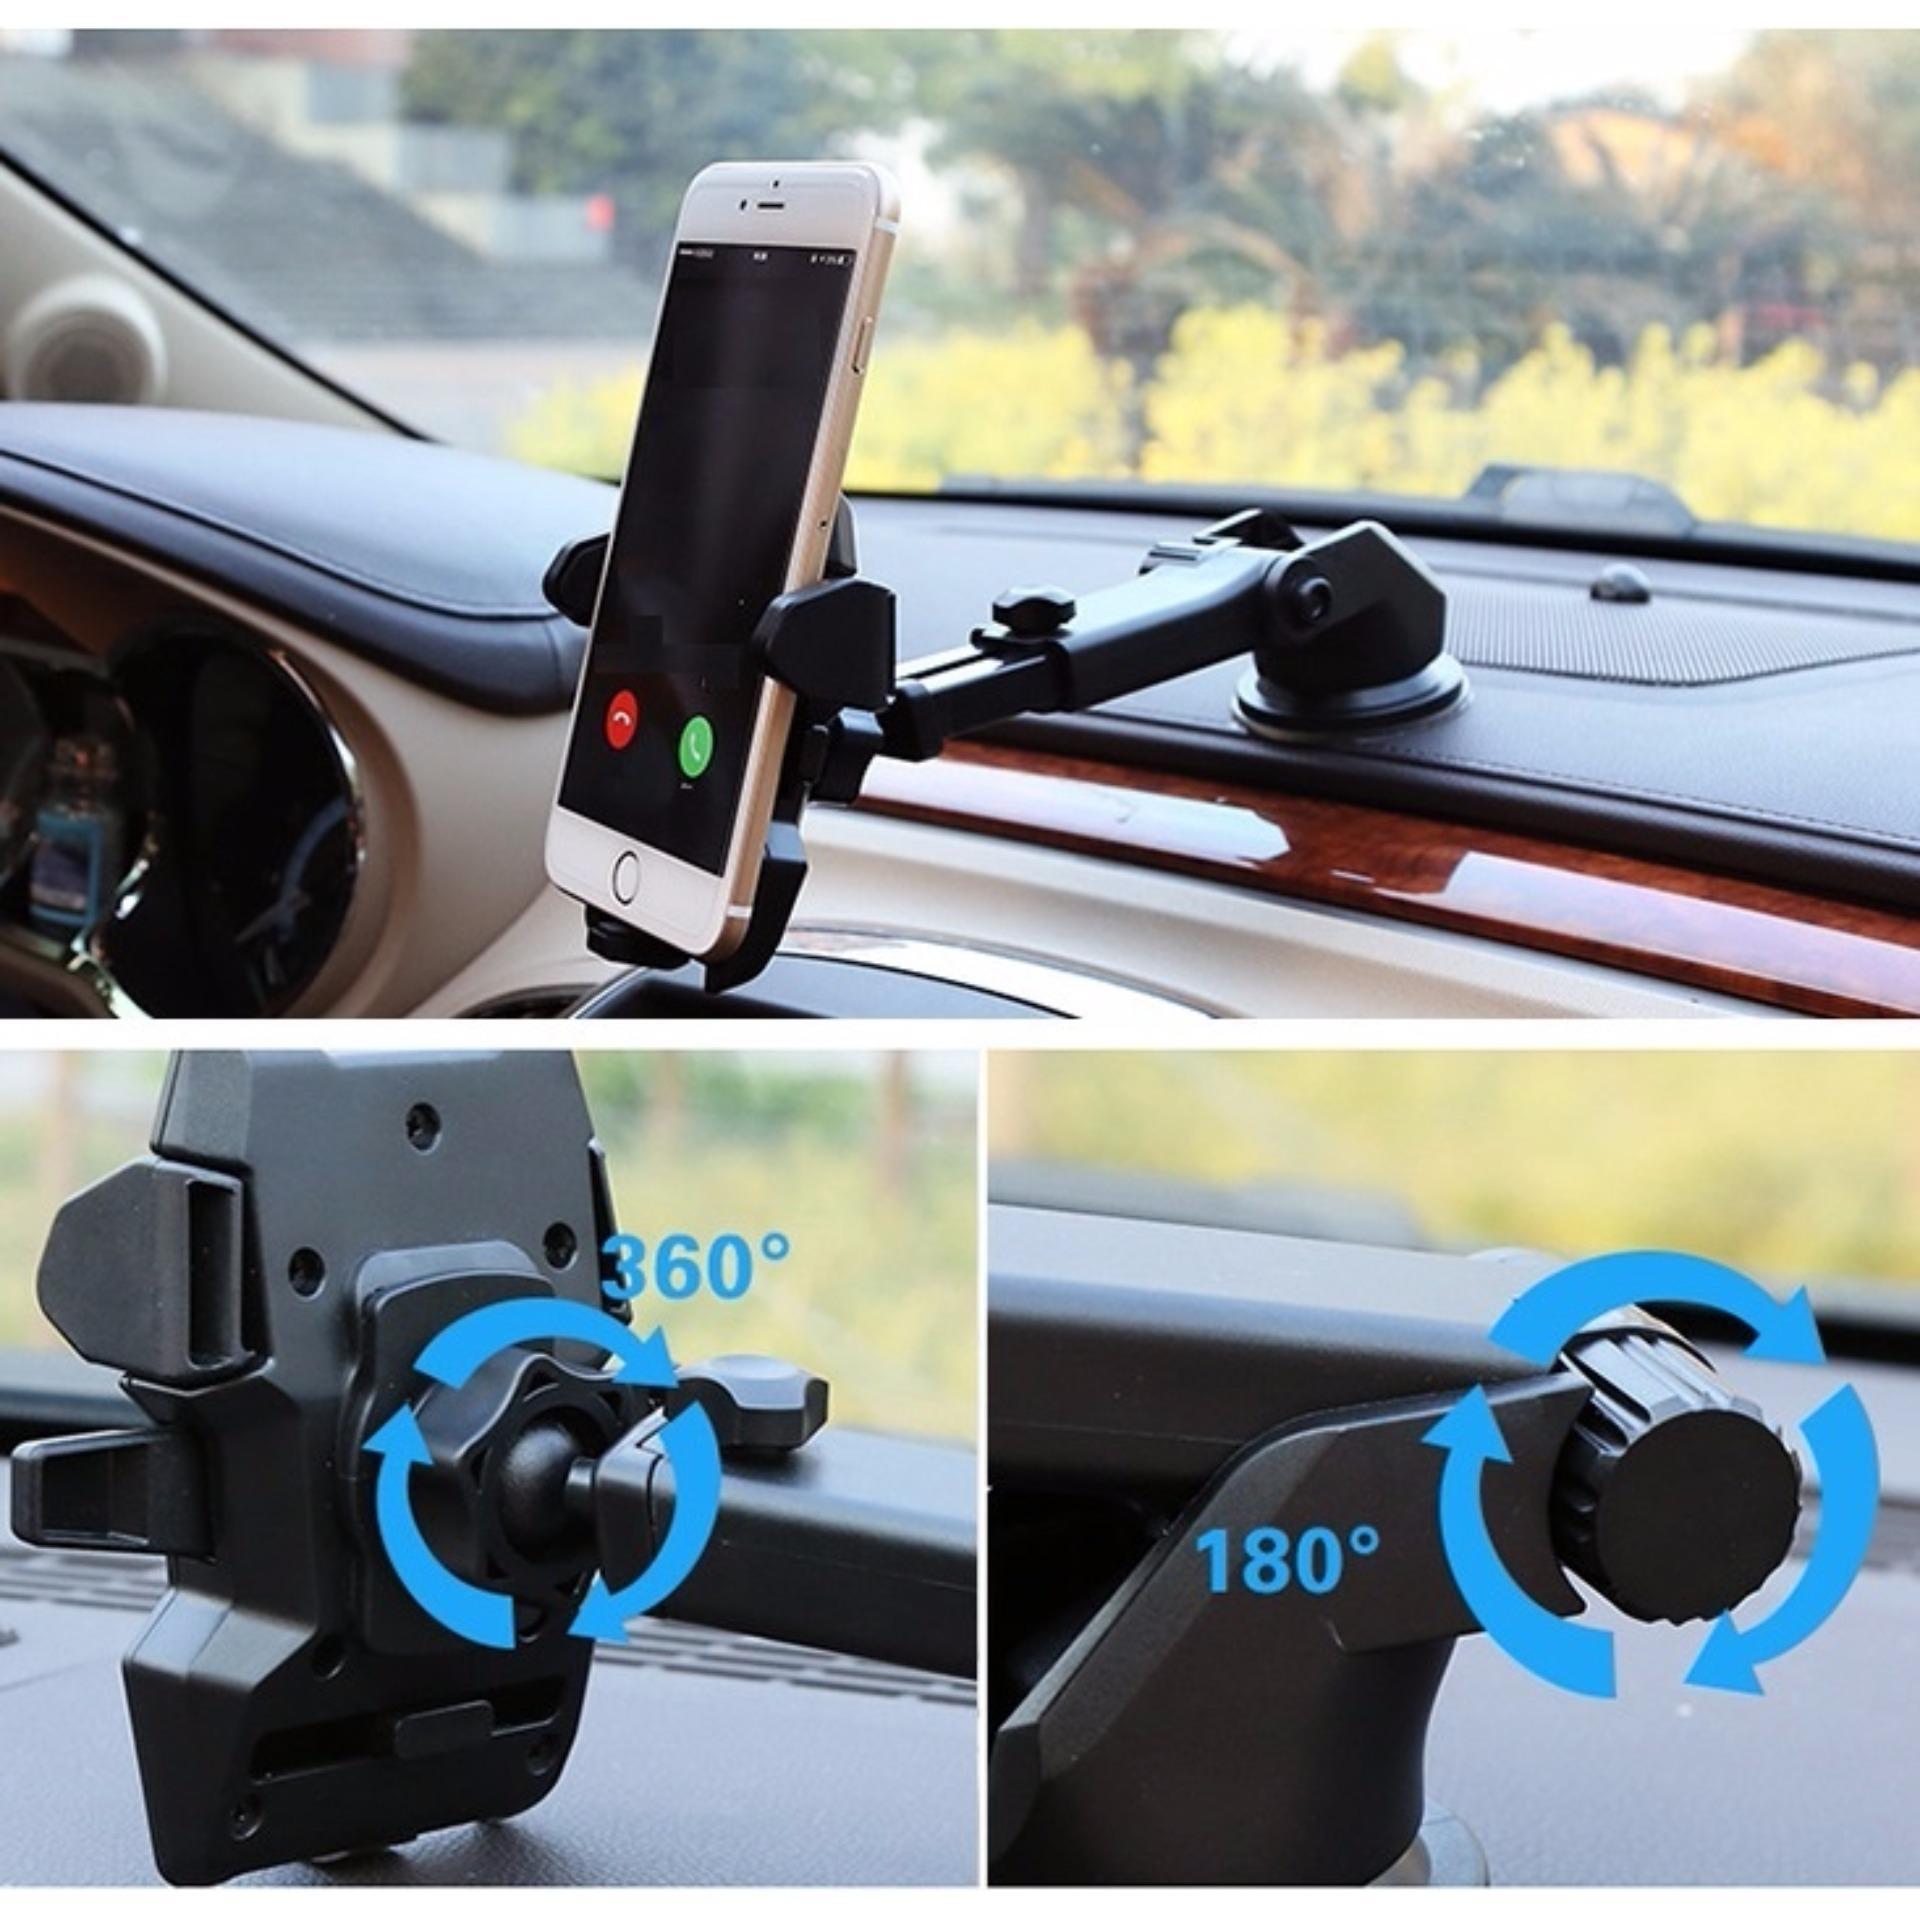 Giá đỡ điện thoại trên ô tô NEW H81 Xoay đa chiều đa kích cỡ – Hút chân không siêu chắc